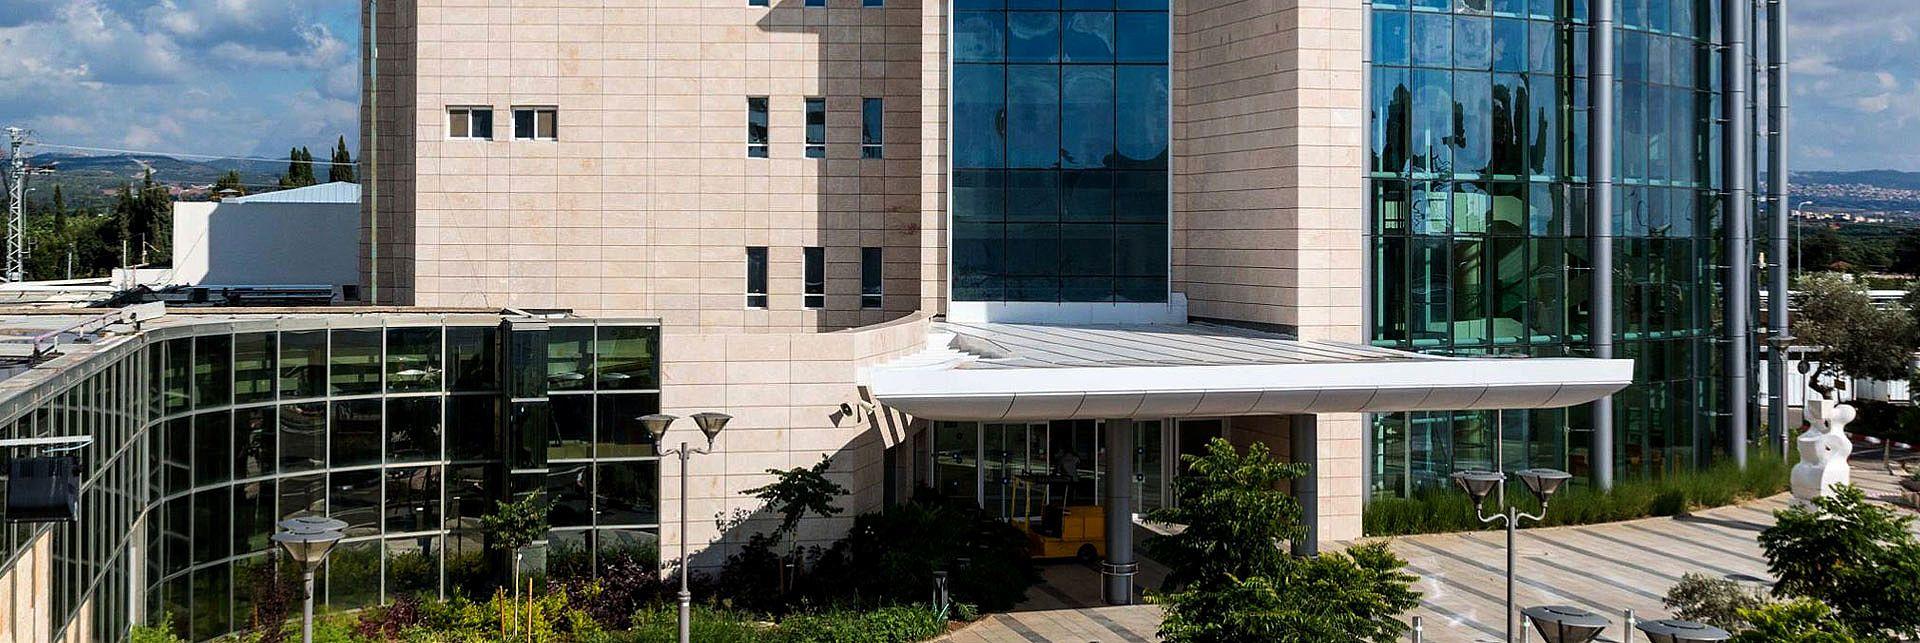 חדשנות וטכנולוגיה במרכז הרפואי לגליל